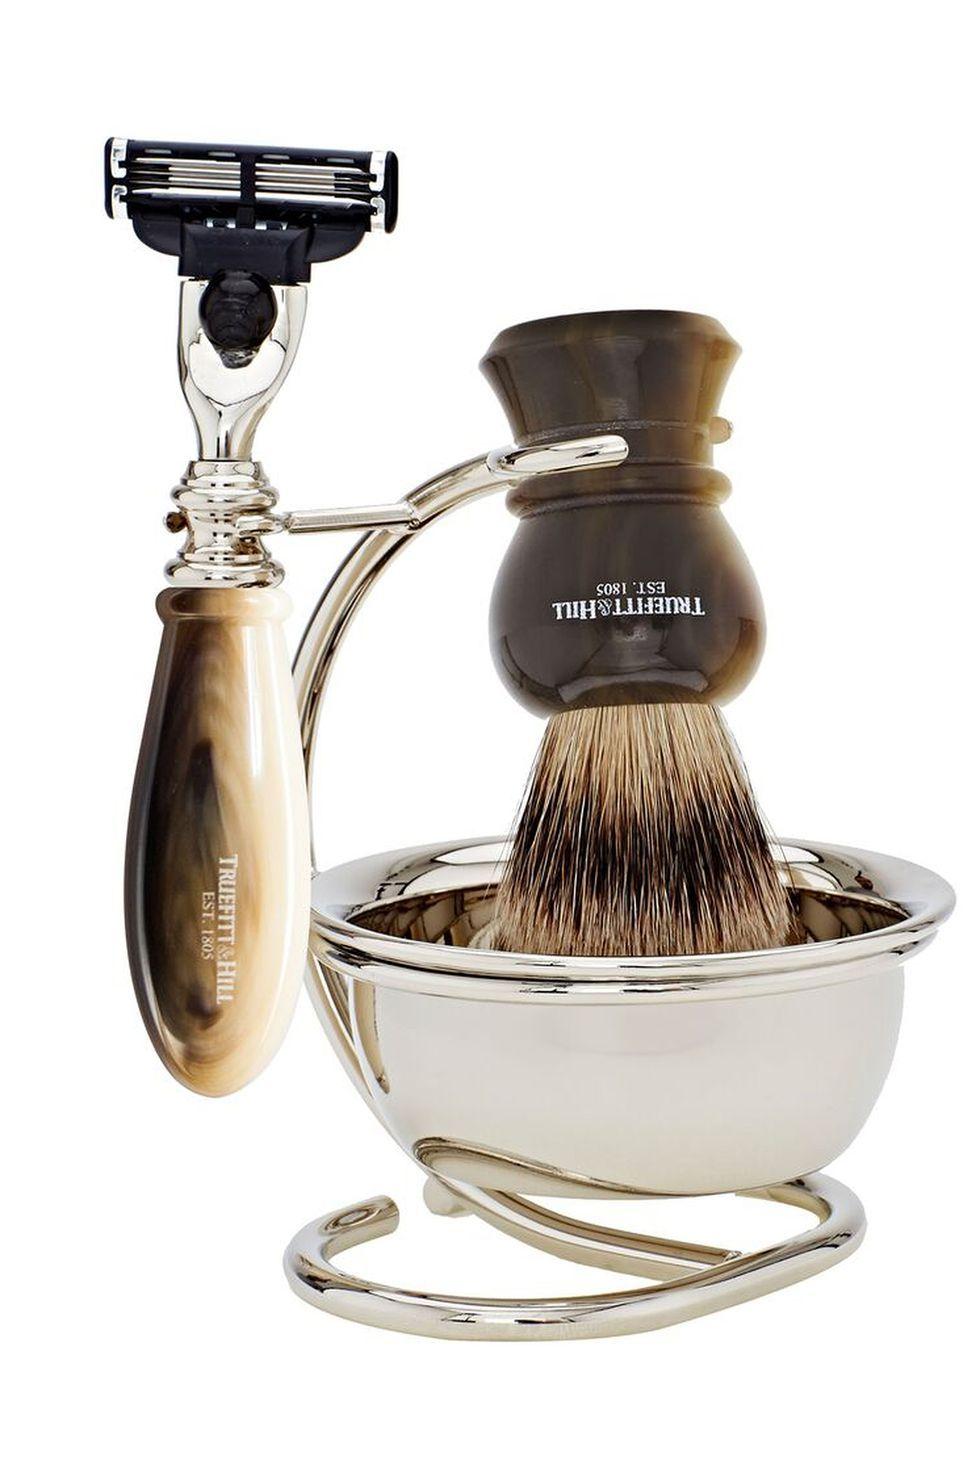 Christmas gifts for him 21 ideas Shaving brush, Badger